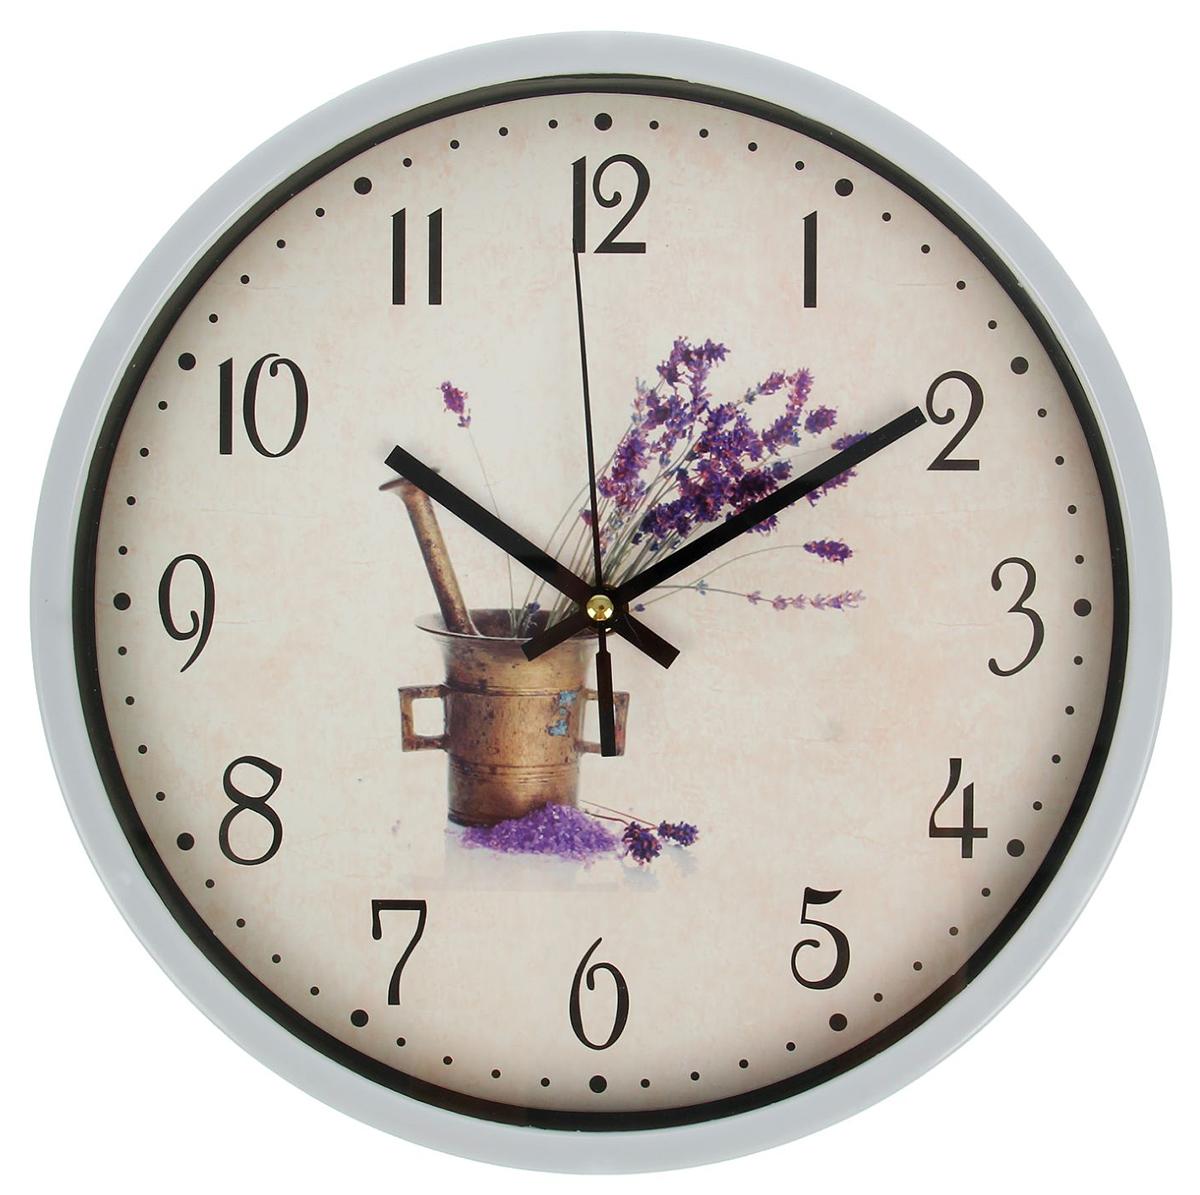 Часы настенные Цветы в ведерке, диаметр 30 см2364708Каждому хозяину периодически приходит мысль обновить свою квартиру, сделать ремонт, перестановку или кардинально поменять внешний вид каждой комнаты. — привлекательная деталь, которая поможет воплотить вашу интерьерную идею, создать неповторимую атмосферу в вашем доме. Окружите себя приятными мелочами, пусть они радуют глаз и дарят гармонию.Часы настенные круг, рама пласт белая, на циферблате цветы в ведёрке,30см 2364708